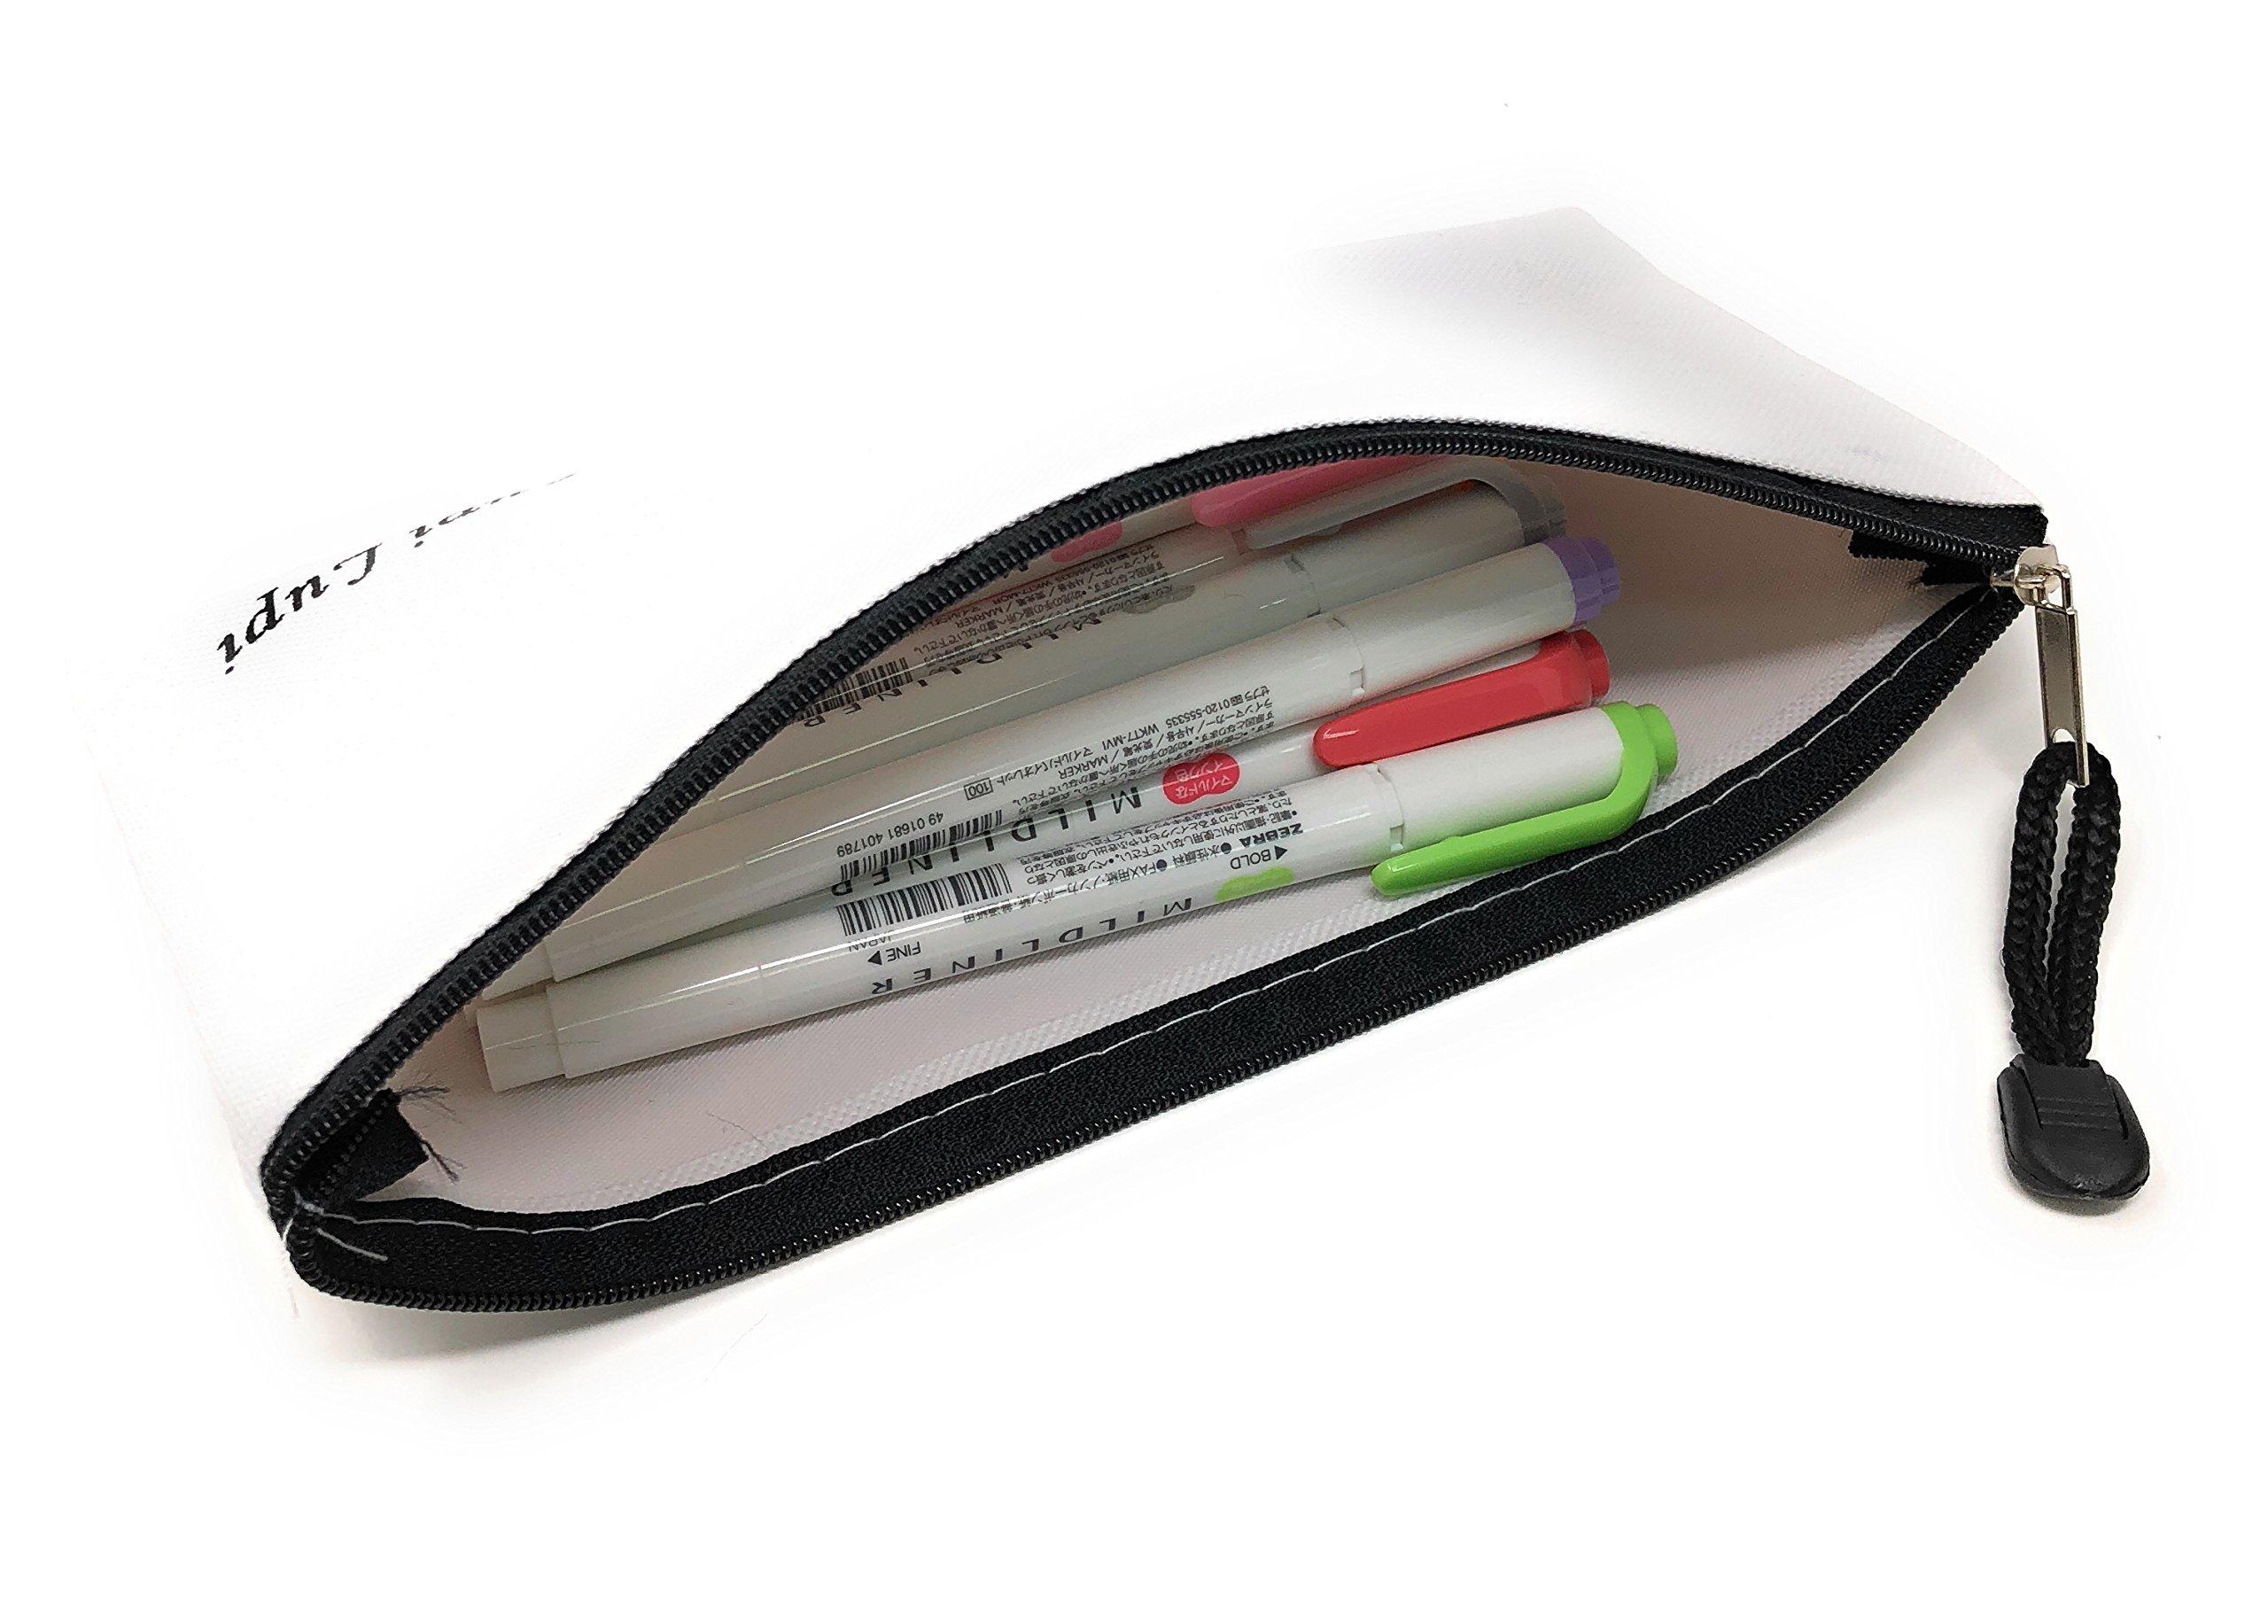 Zebra MILDLINER WKT7-5C (5-Color Set) / WKT7-5C-RC (5-Color Set) /WKT7-5C-NC (5-Color Set)3 pack With original pen case by Lupi Lupi (Image #6)